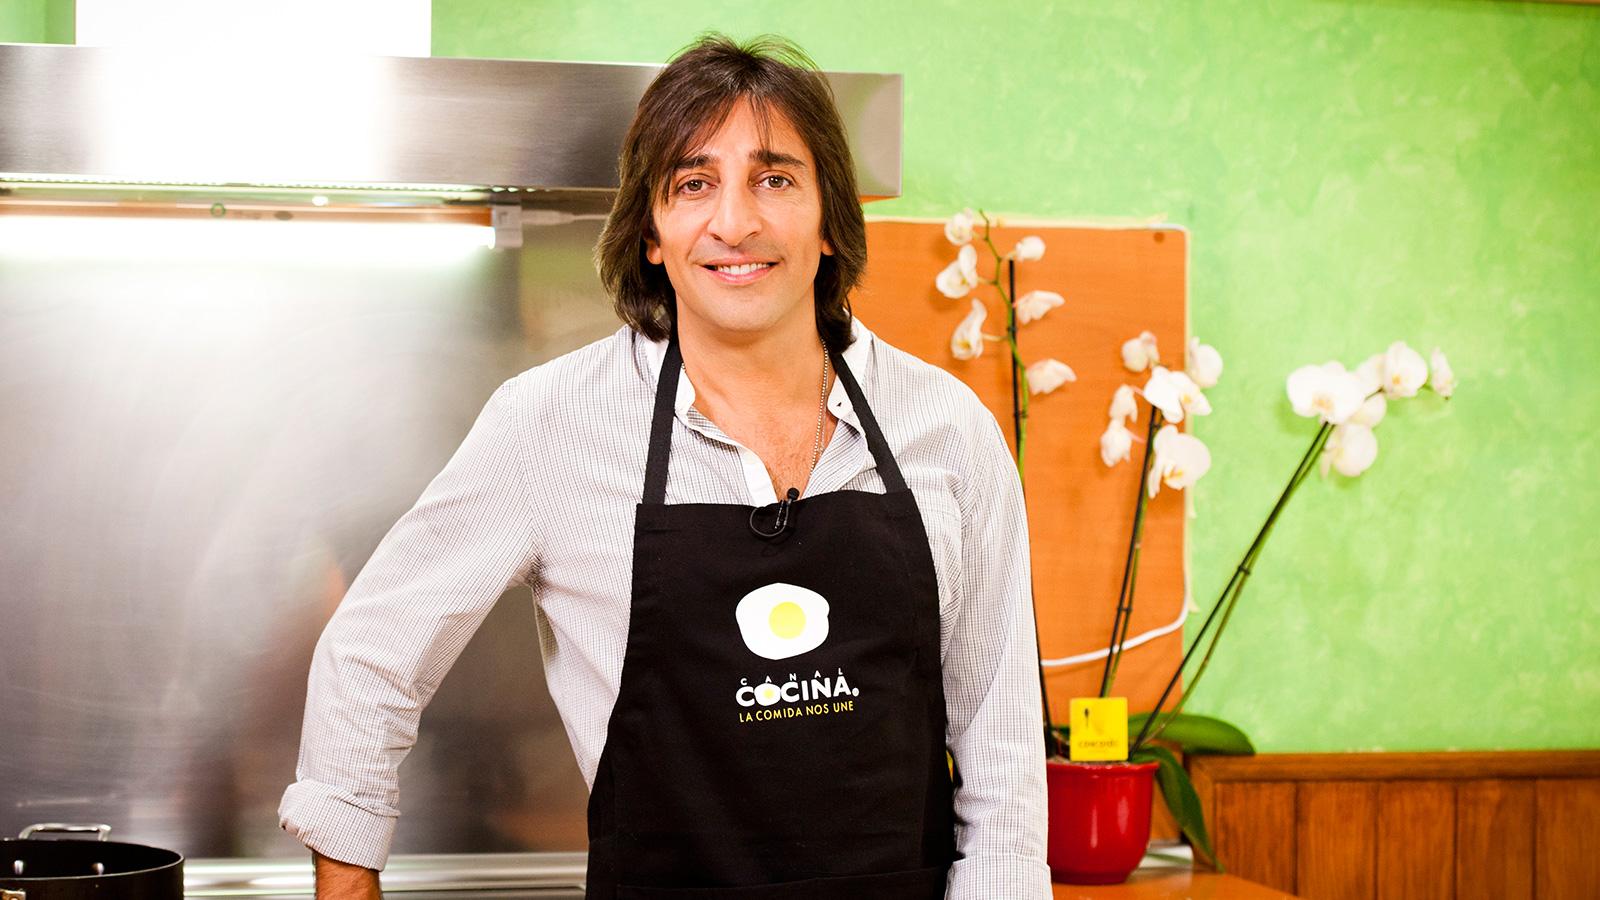 Antonio carmona cocineros canal cocina - Canal cocina cocineros ...